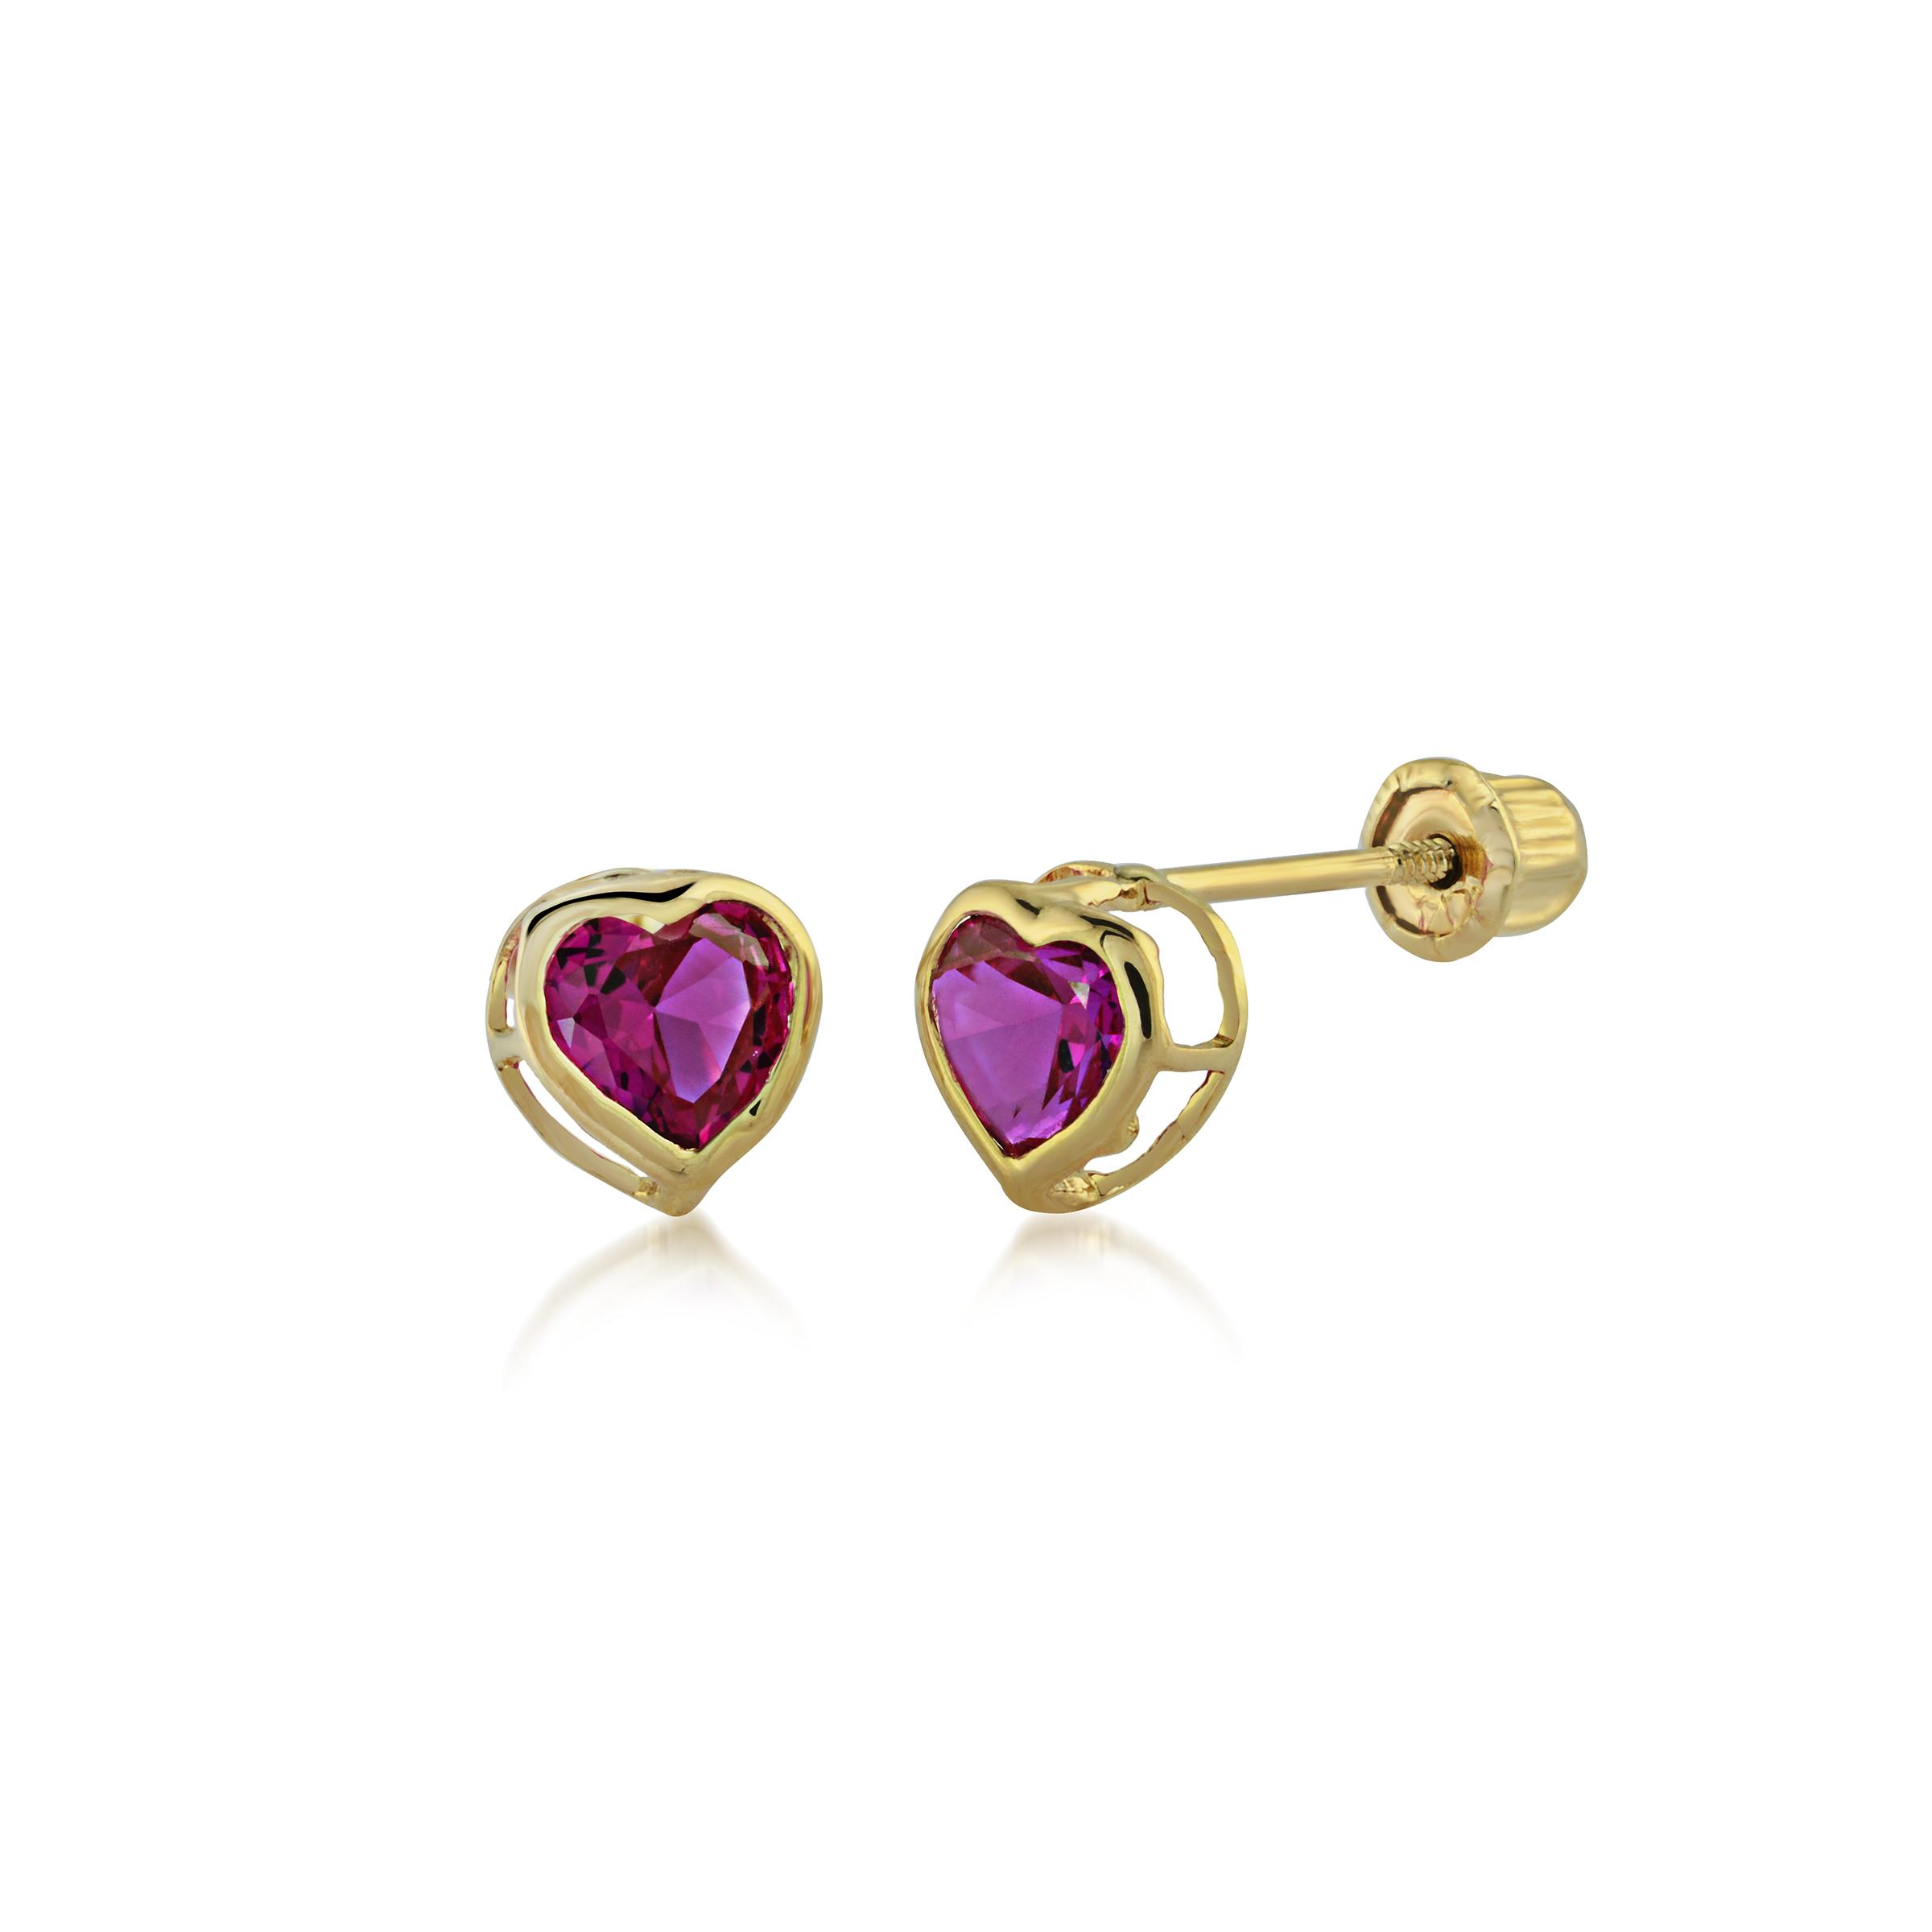 Boucles d'oreilles coeurs en or avec zircons cubiques rose foncé